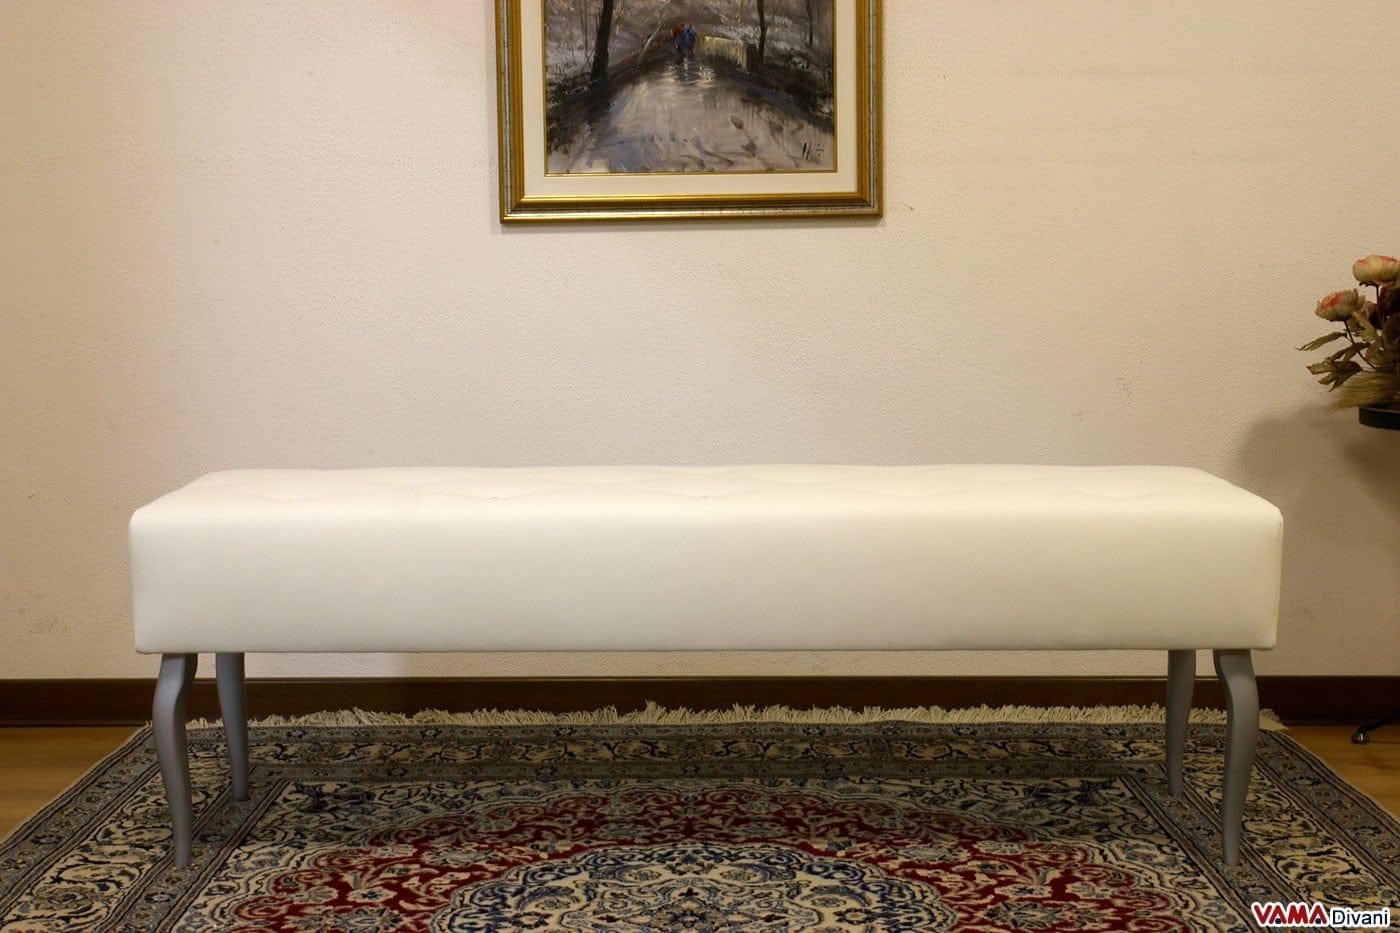 Pouf panchetta fondo letto shabby chic bianca con bottoni - Divano letto shabby chic ...